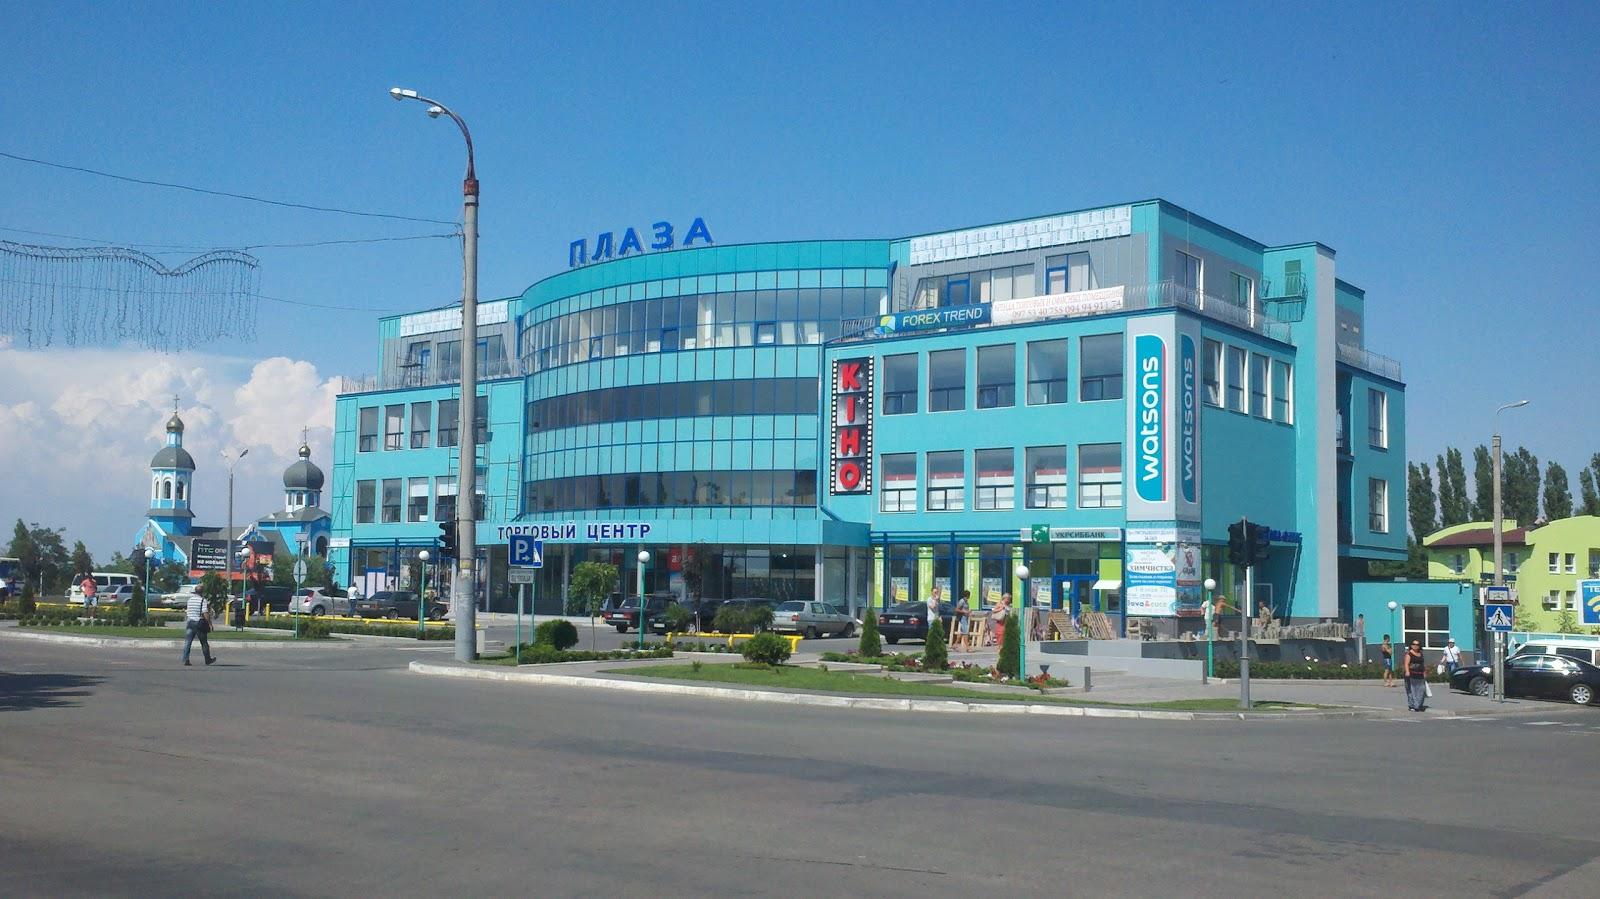 Город Южный Торговый Центр